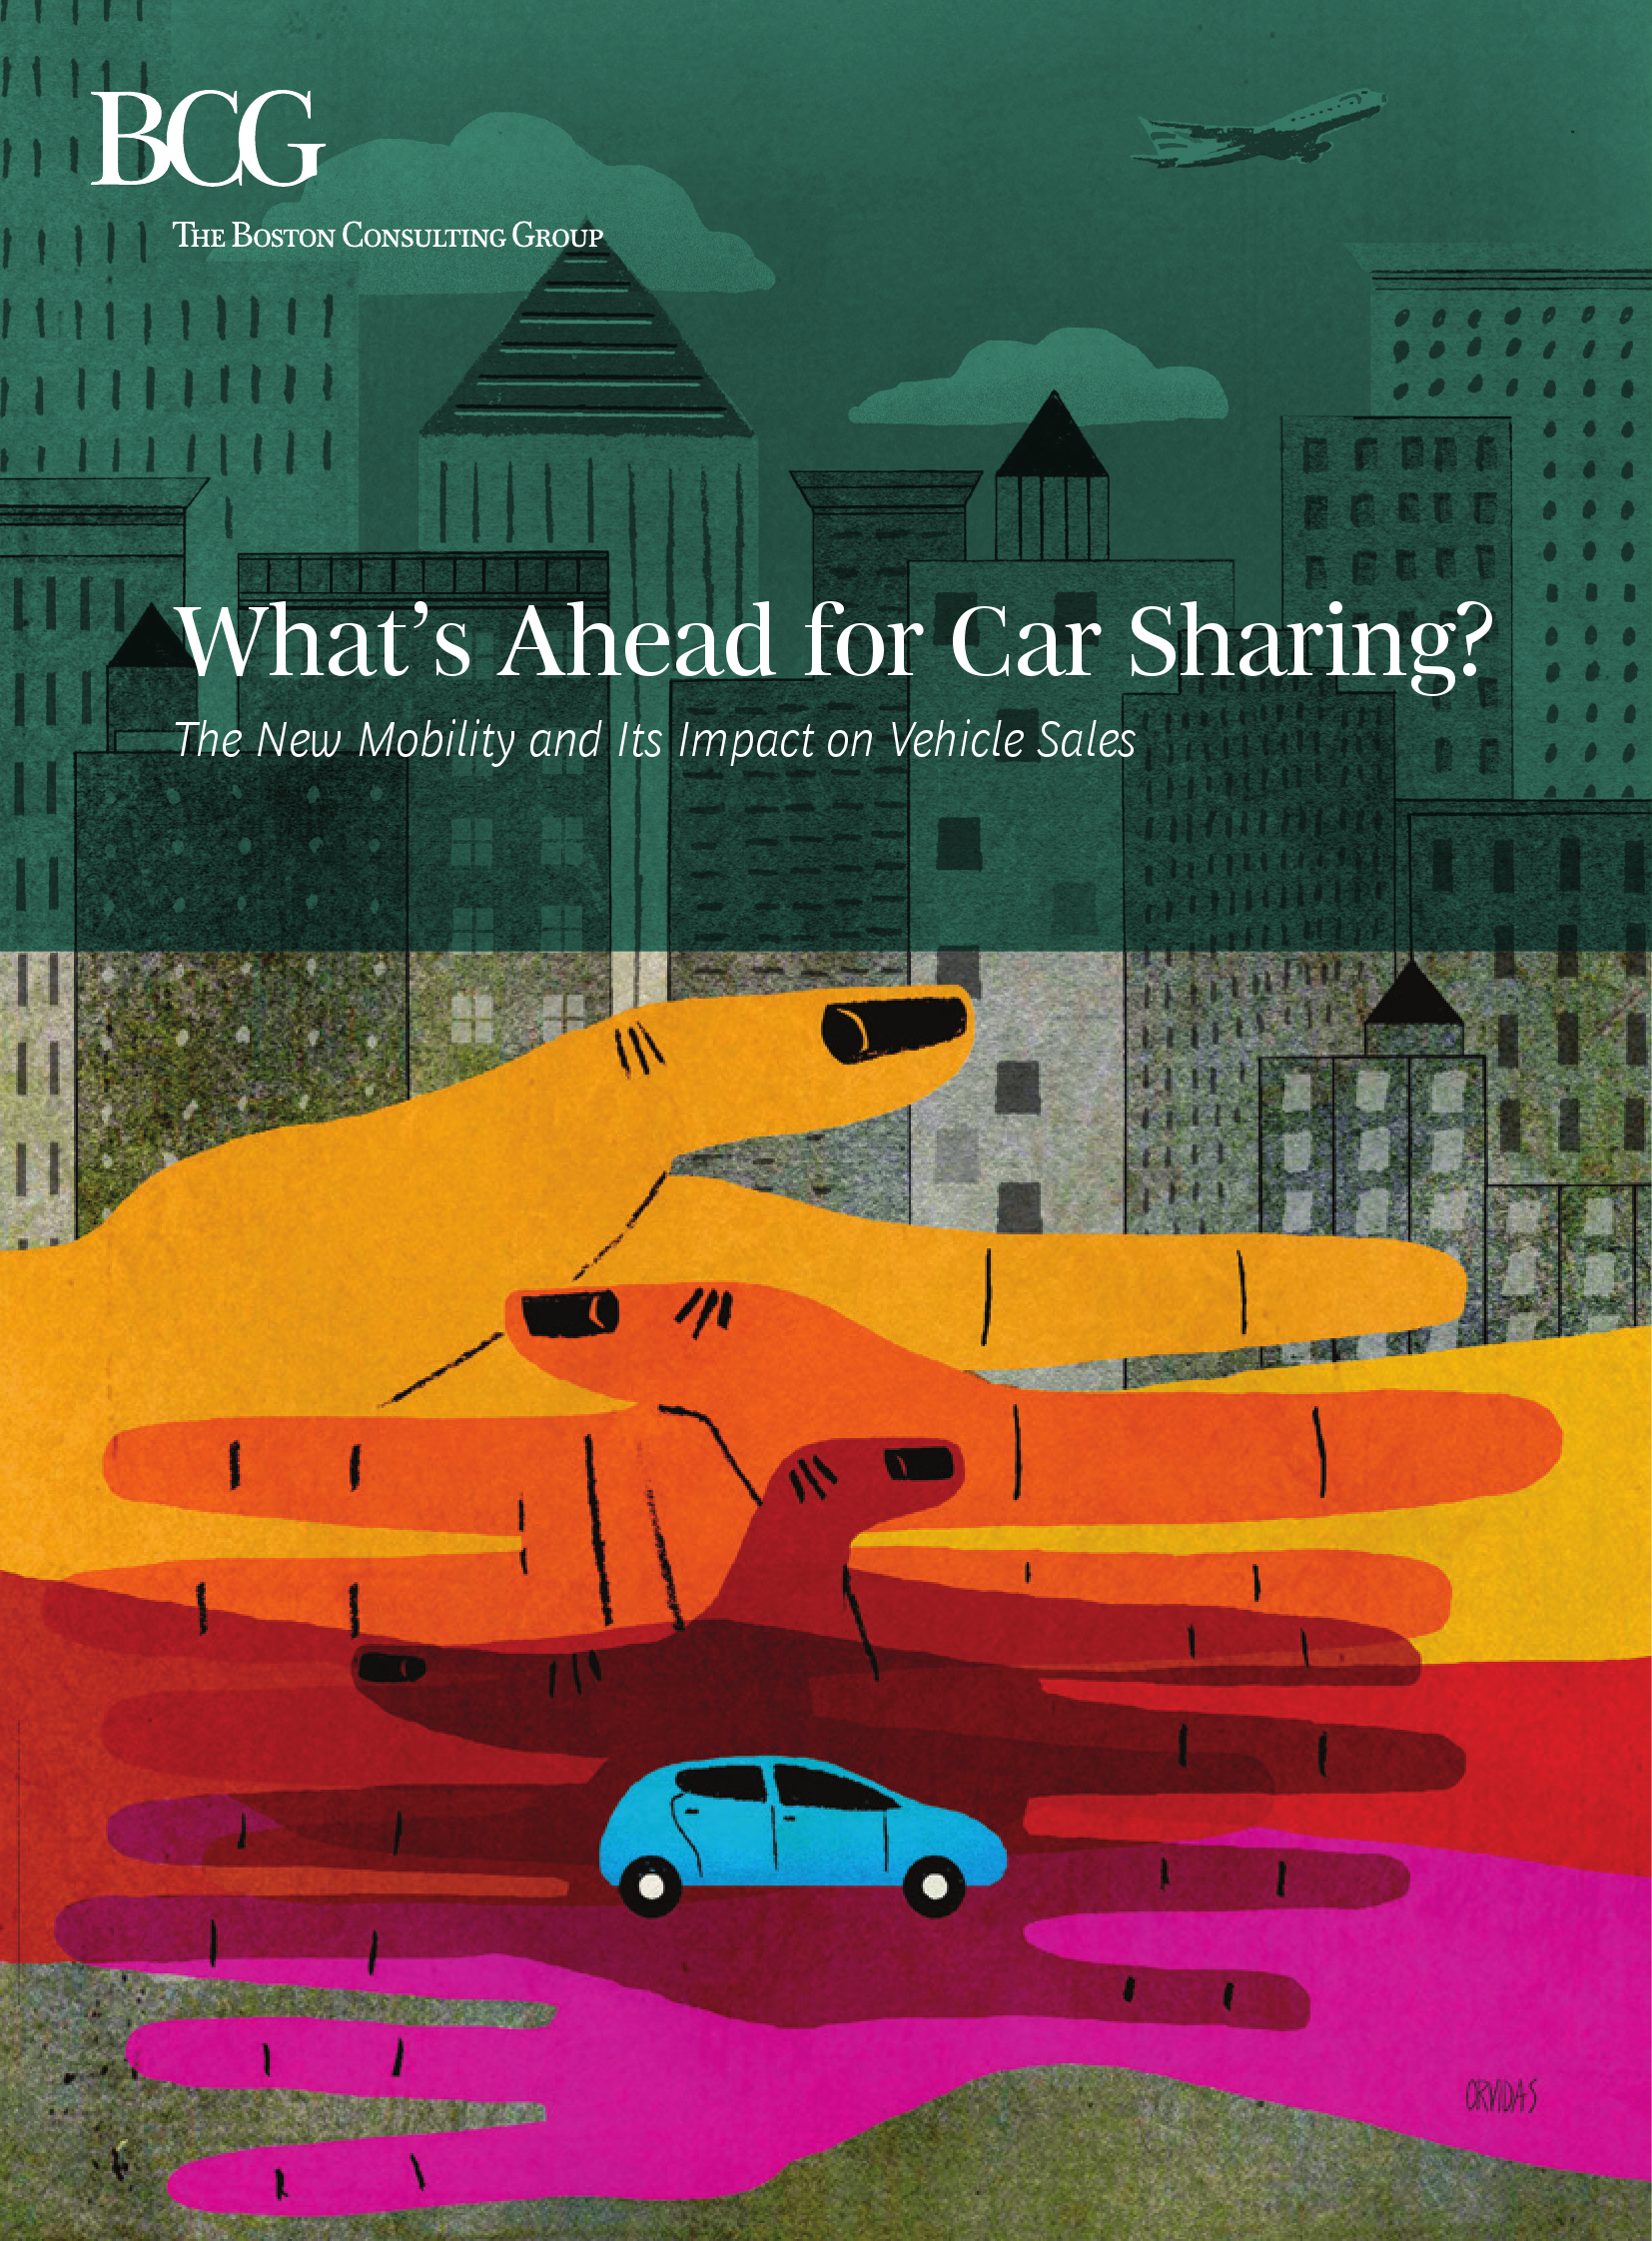 汽车共享新前景:新型出行方式对汽车销量的影响_000001